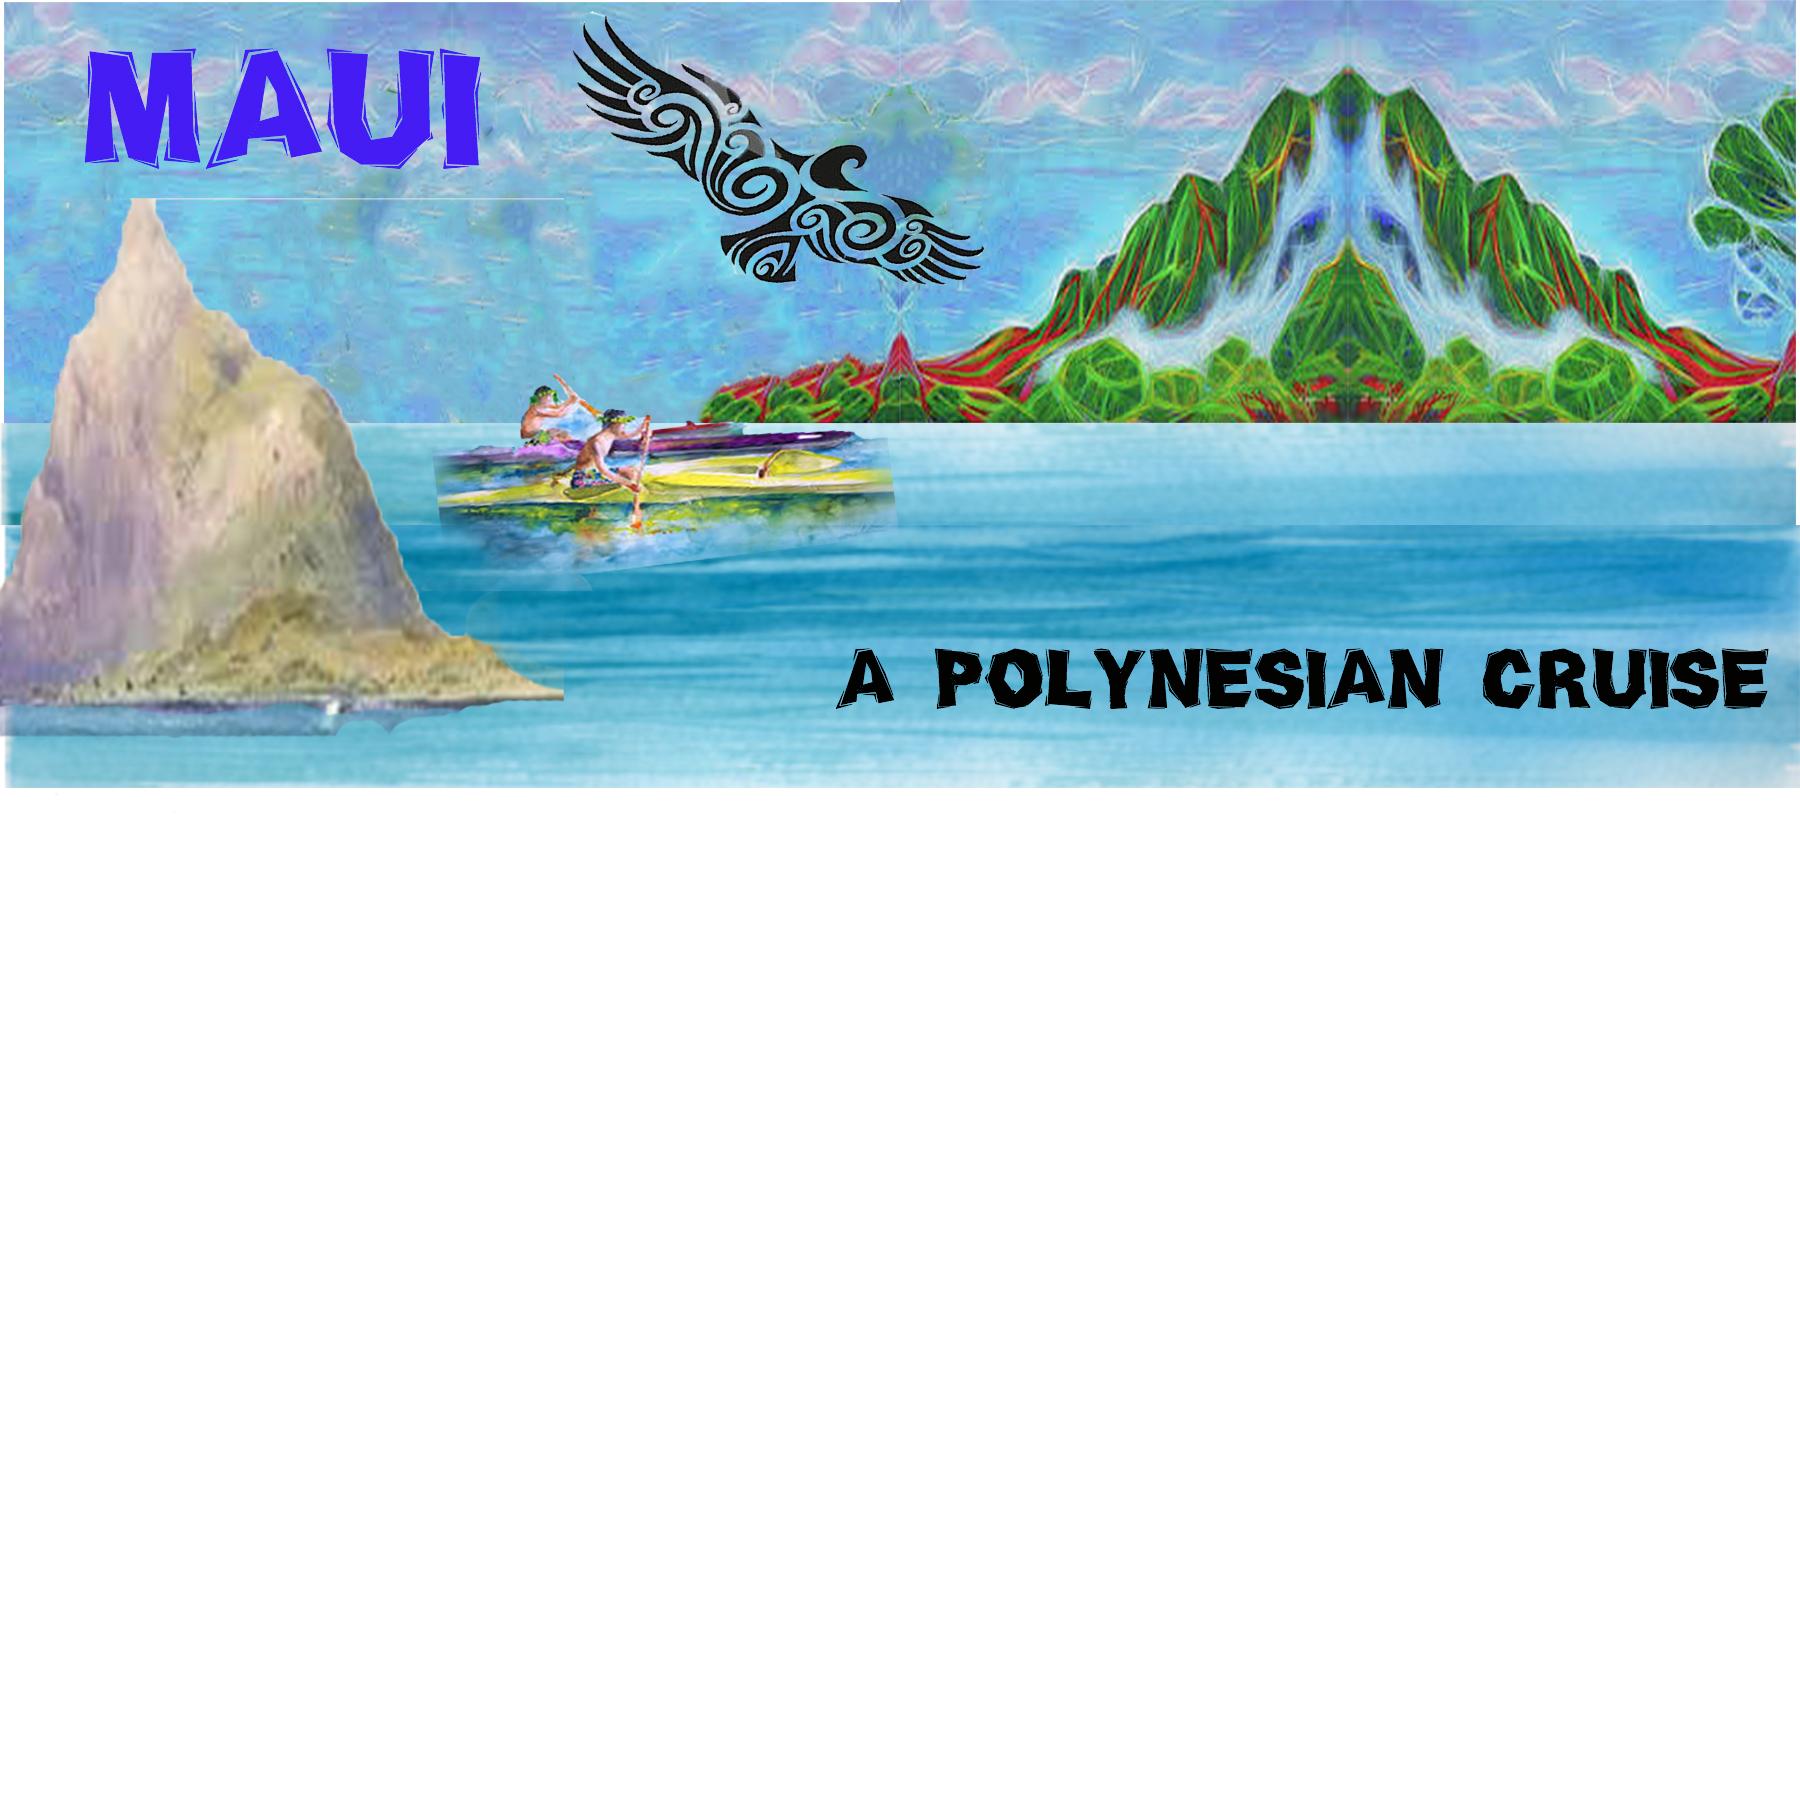 Maui Option FINAL.jpg